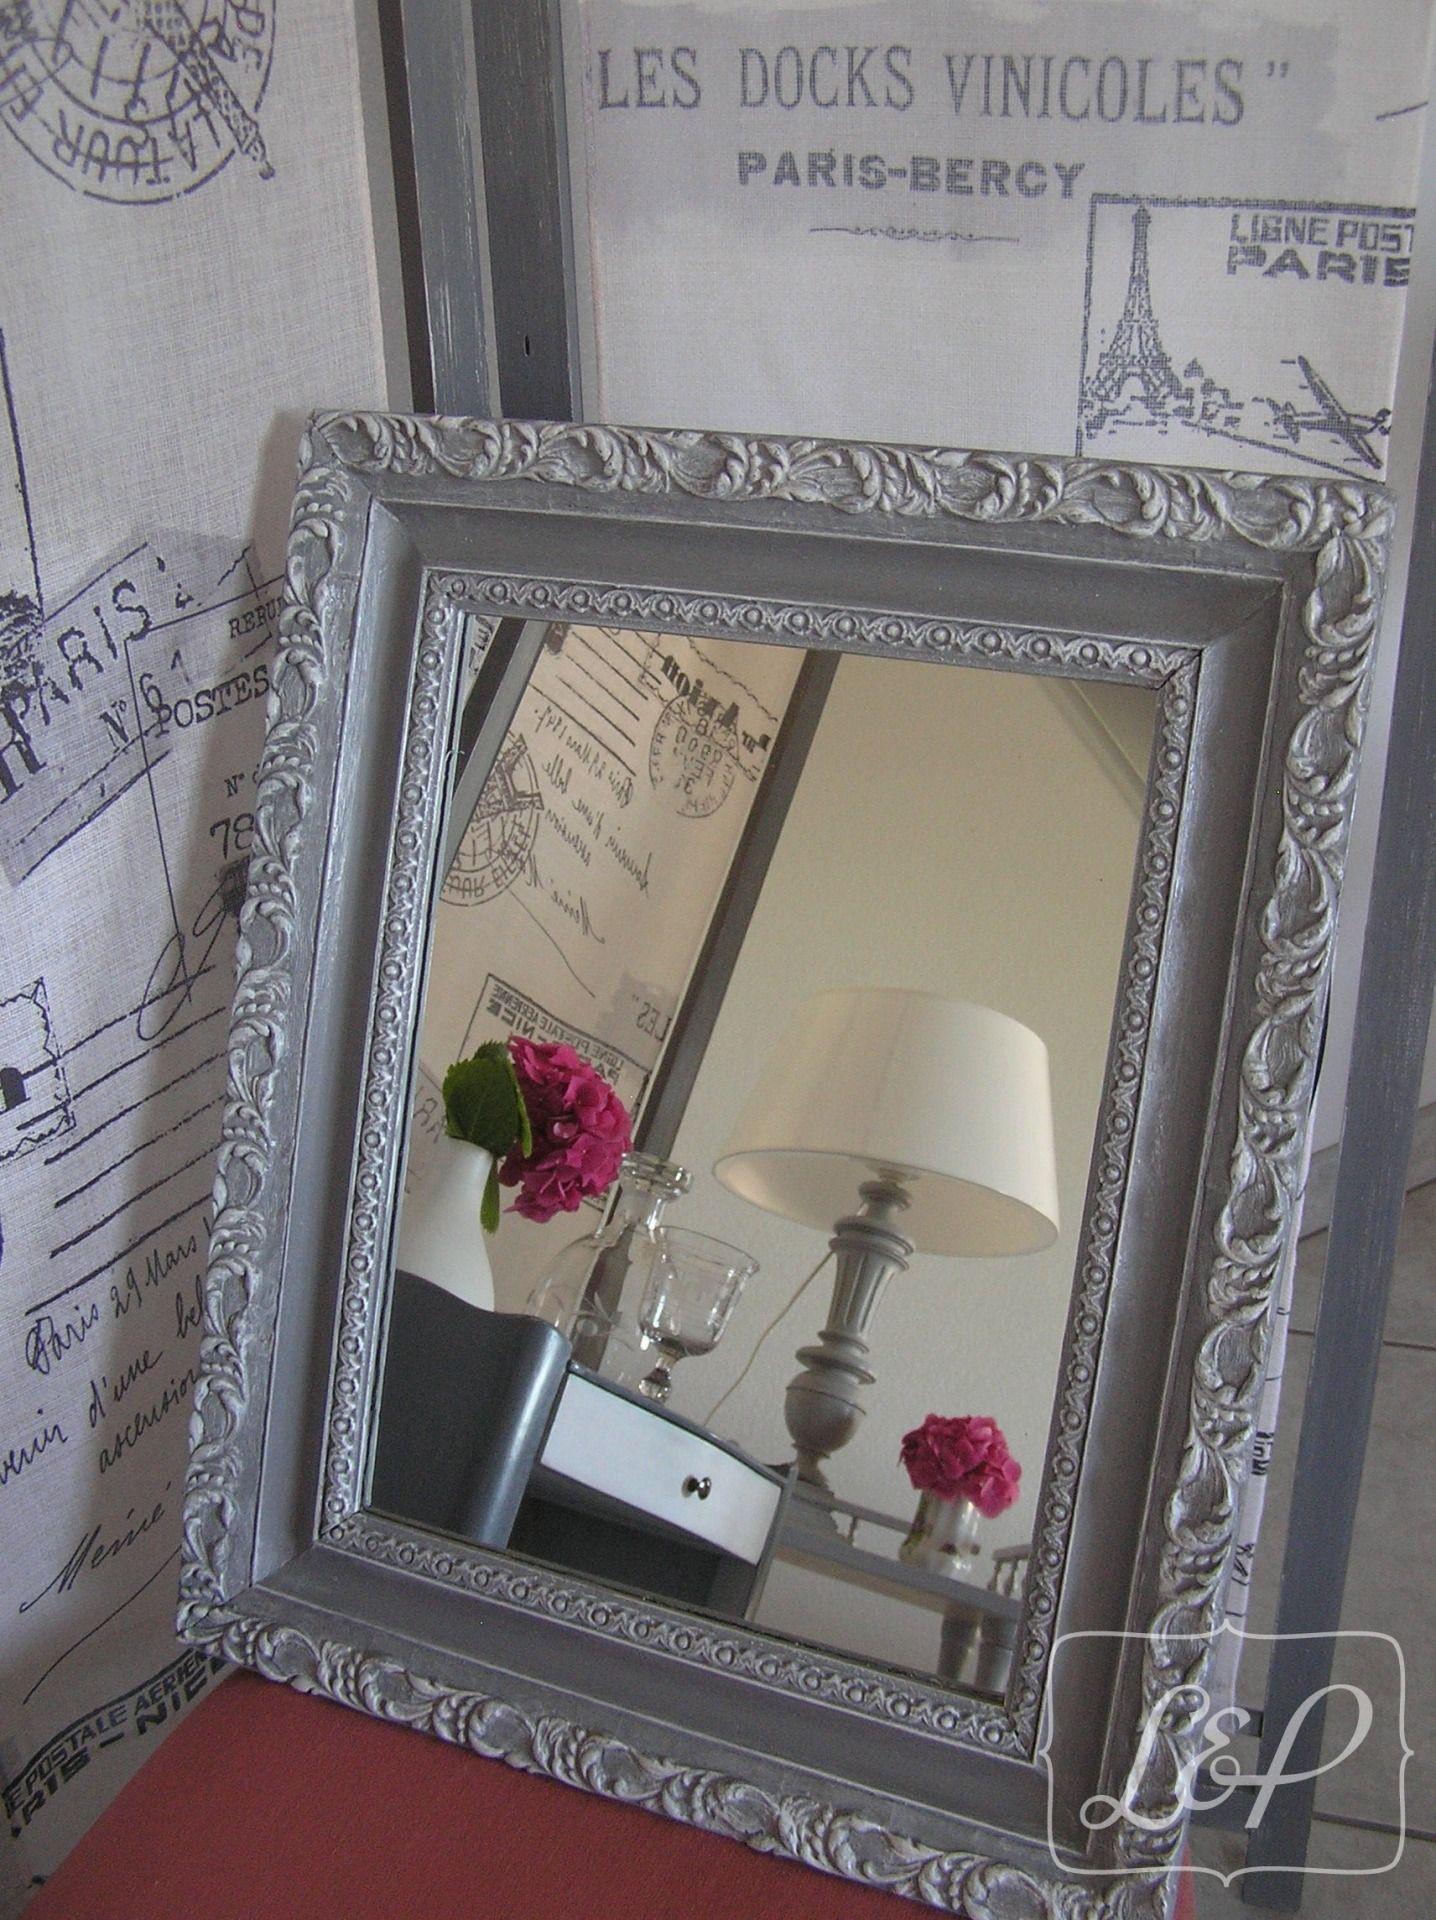 miroir cass comment conjurer le sort duun miroir cass cadre miroir en palettes esprit cabane. Black Bedroom Furniture Sets. Home Design Ideas